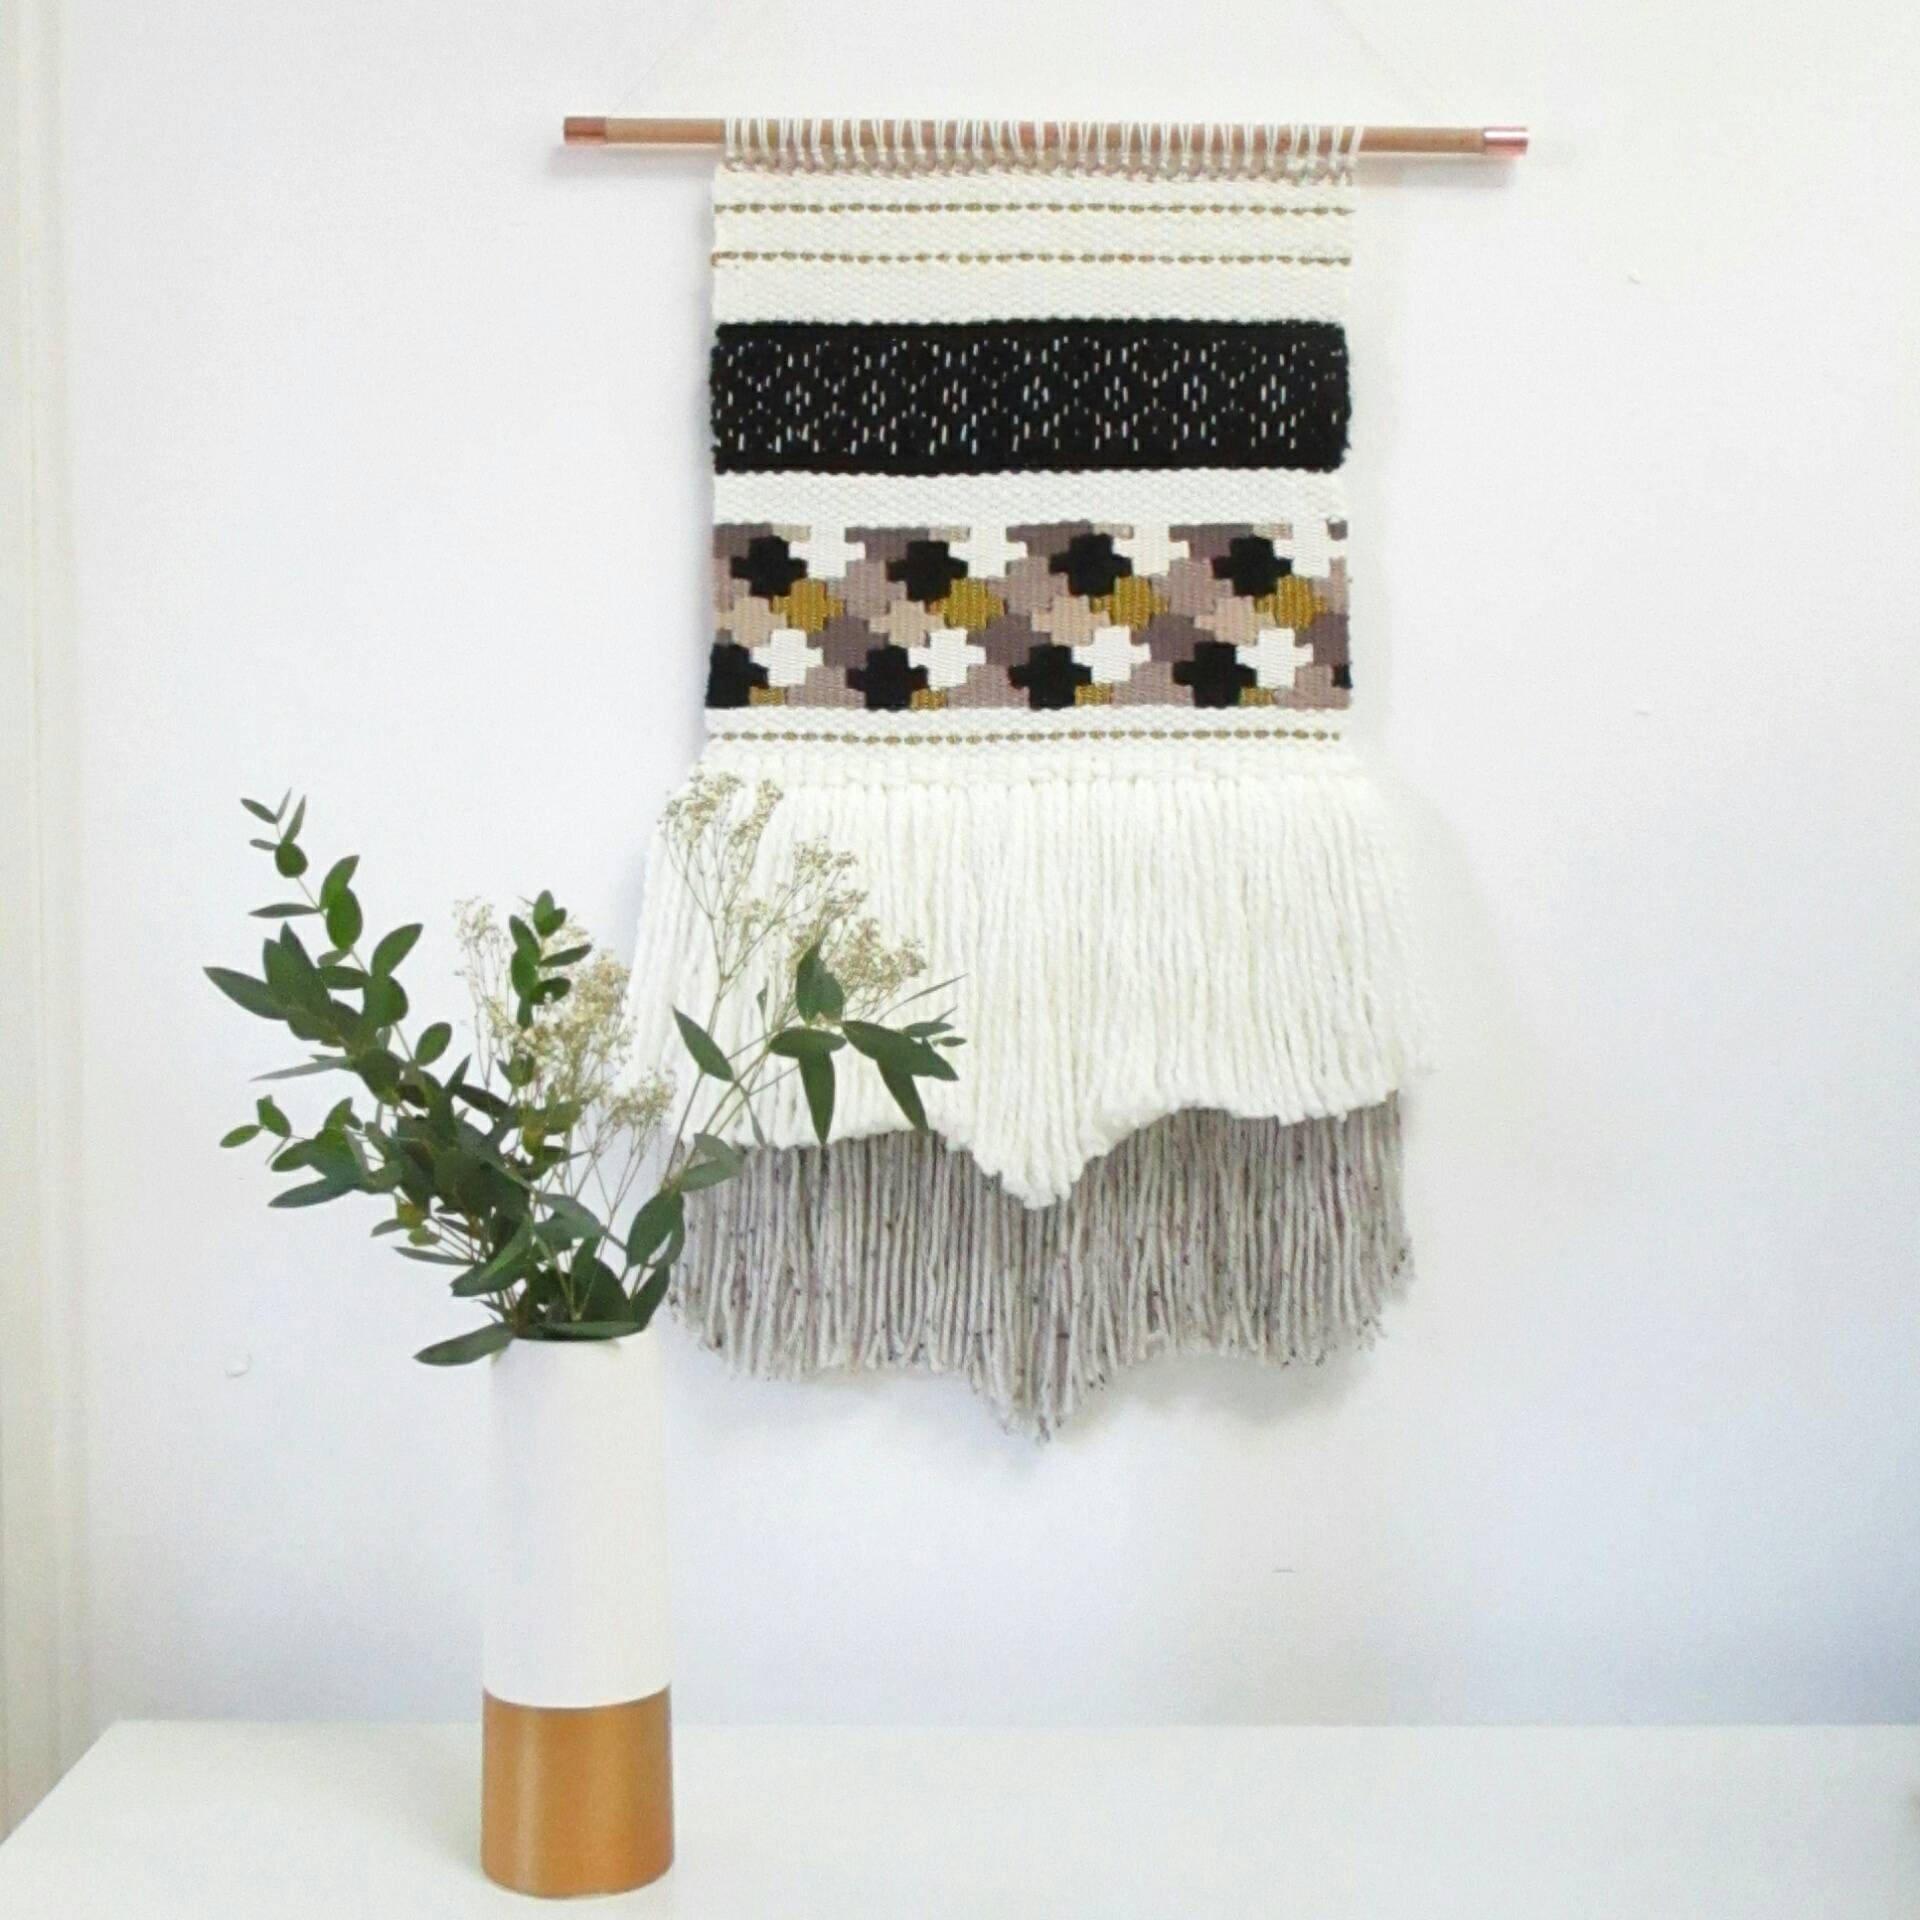 deco murale graphique best id e peinture un mur graphique prima avec id e motif peinture mur. Black Bedroom Furniture Sets. Home Design Ideas